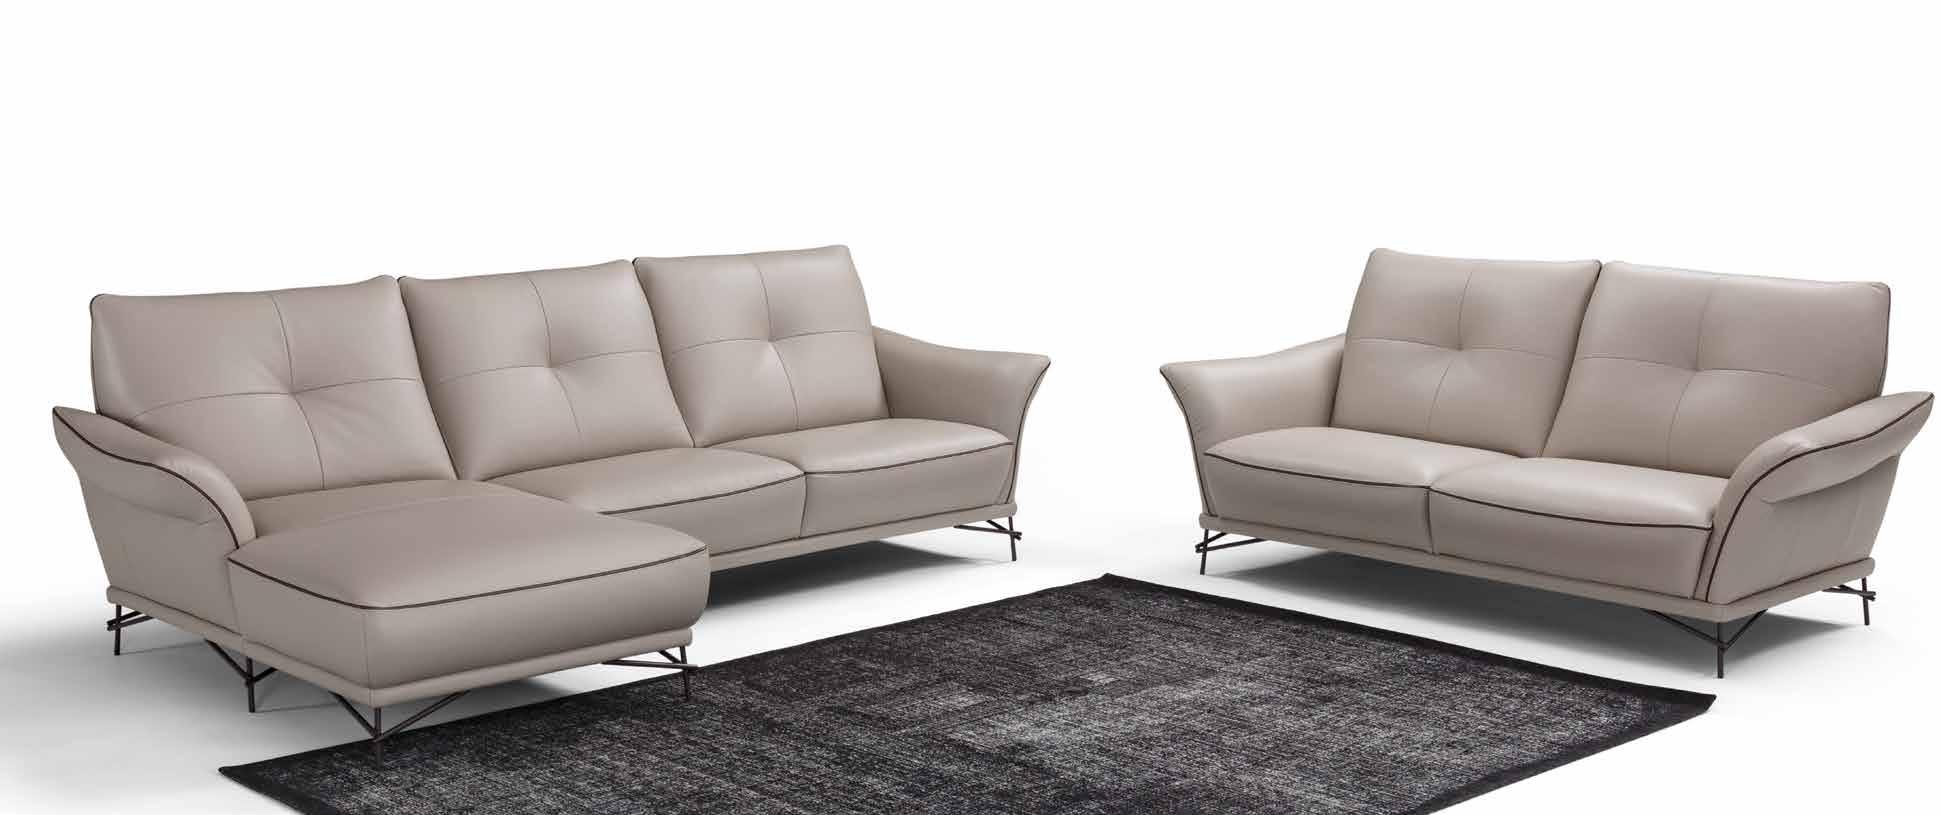 картинка Модульный диван Cloud Max Divani | Итальянские диваны ручной работы